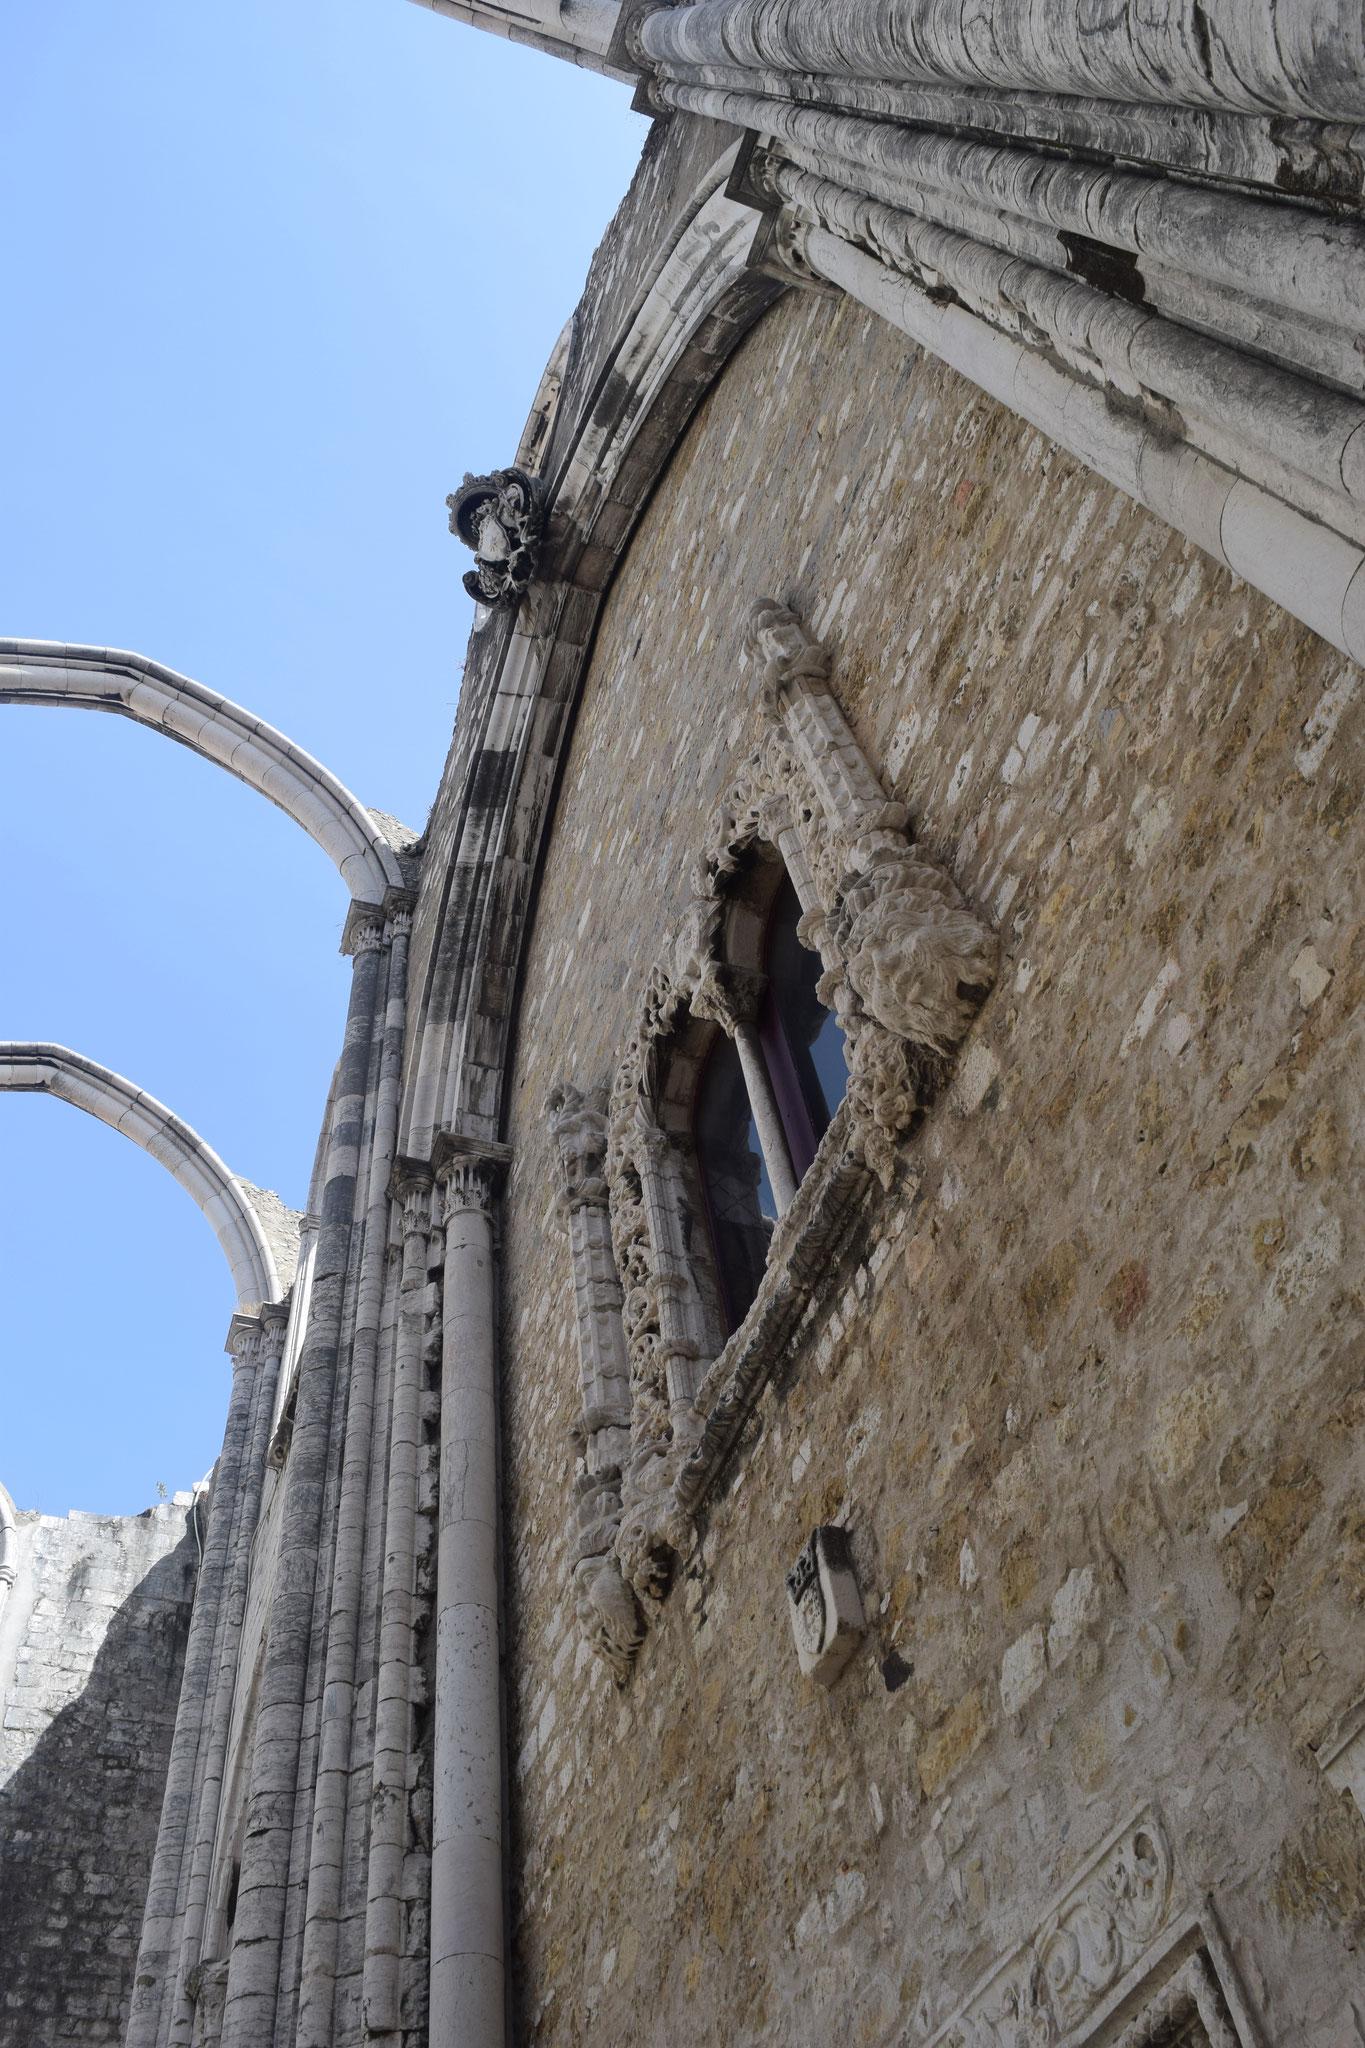 Meine Reiseempfehlungen für Lissabon in Portugal, wie das Convento do Carmo.